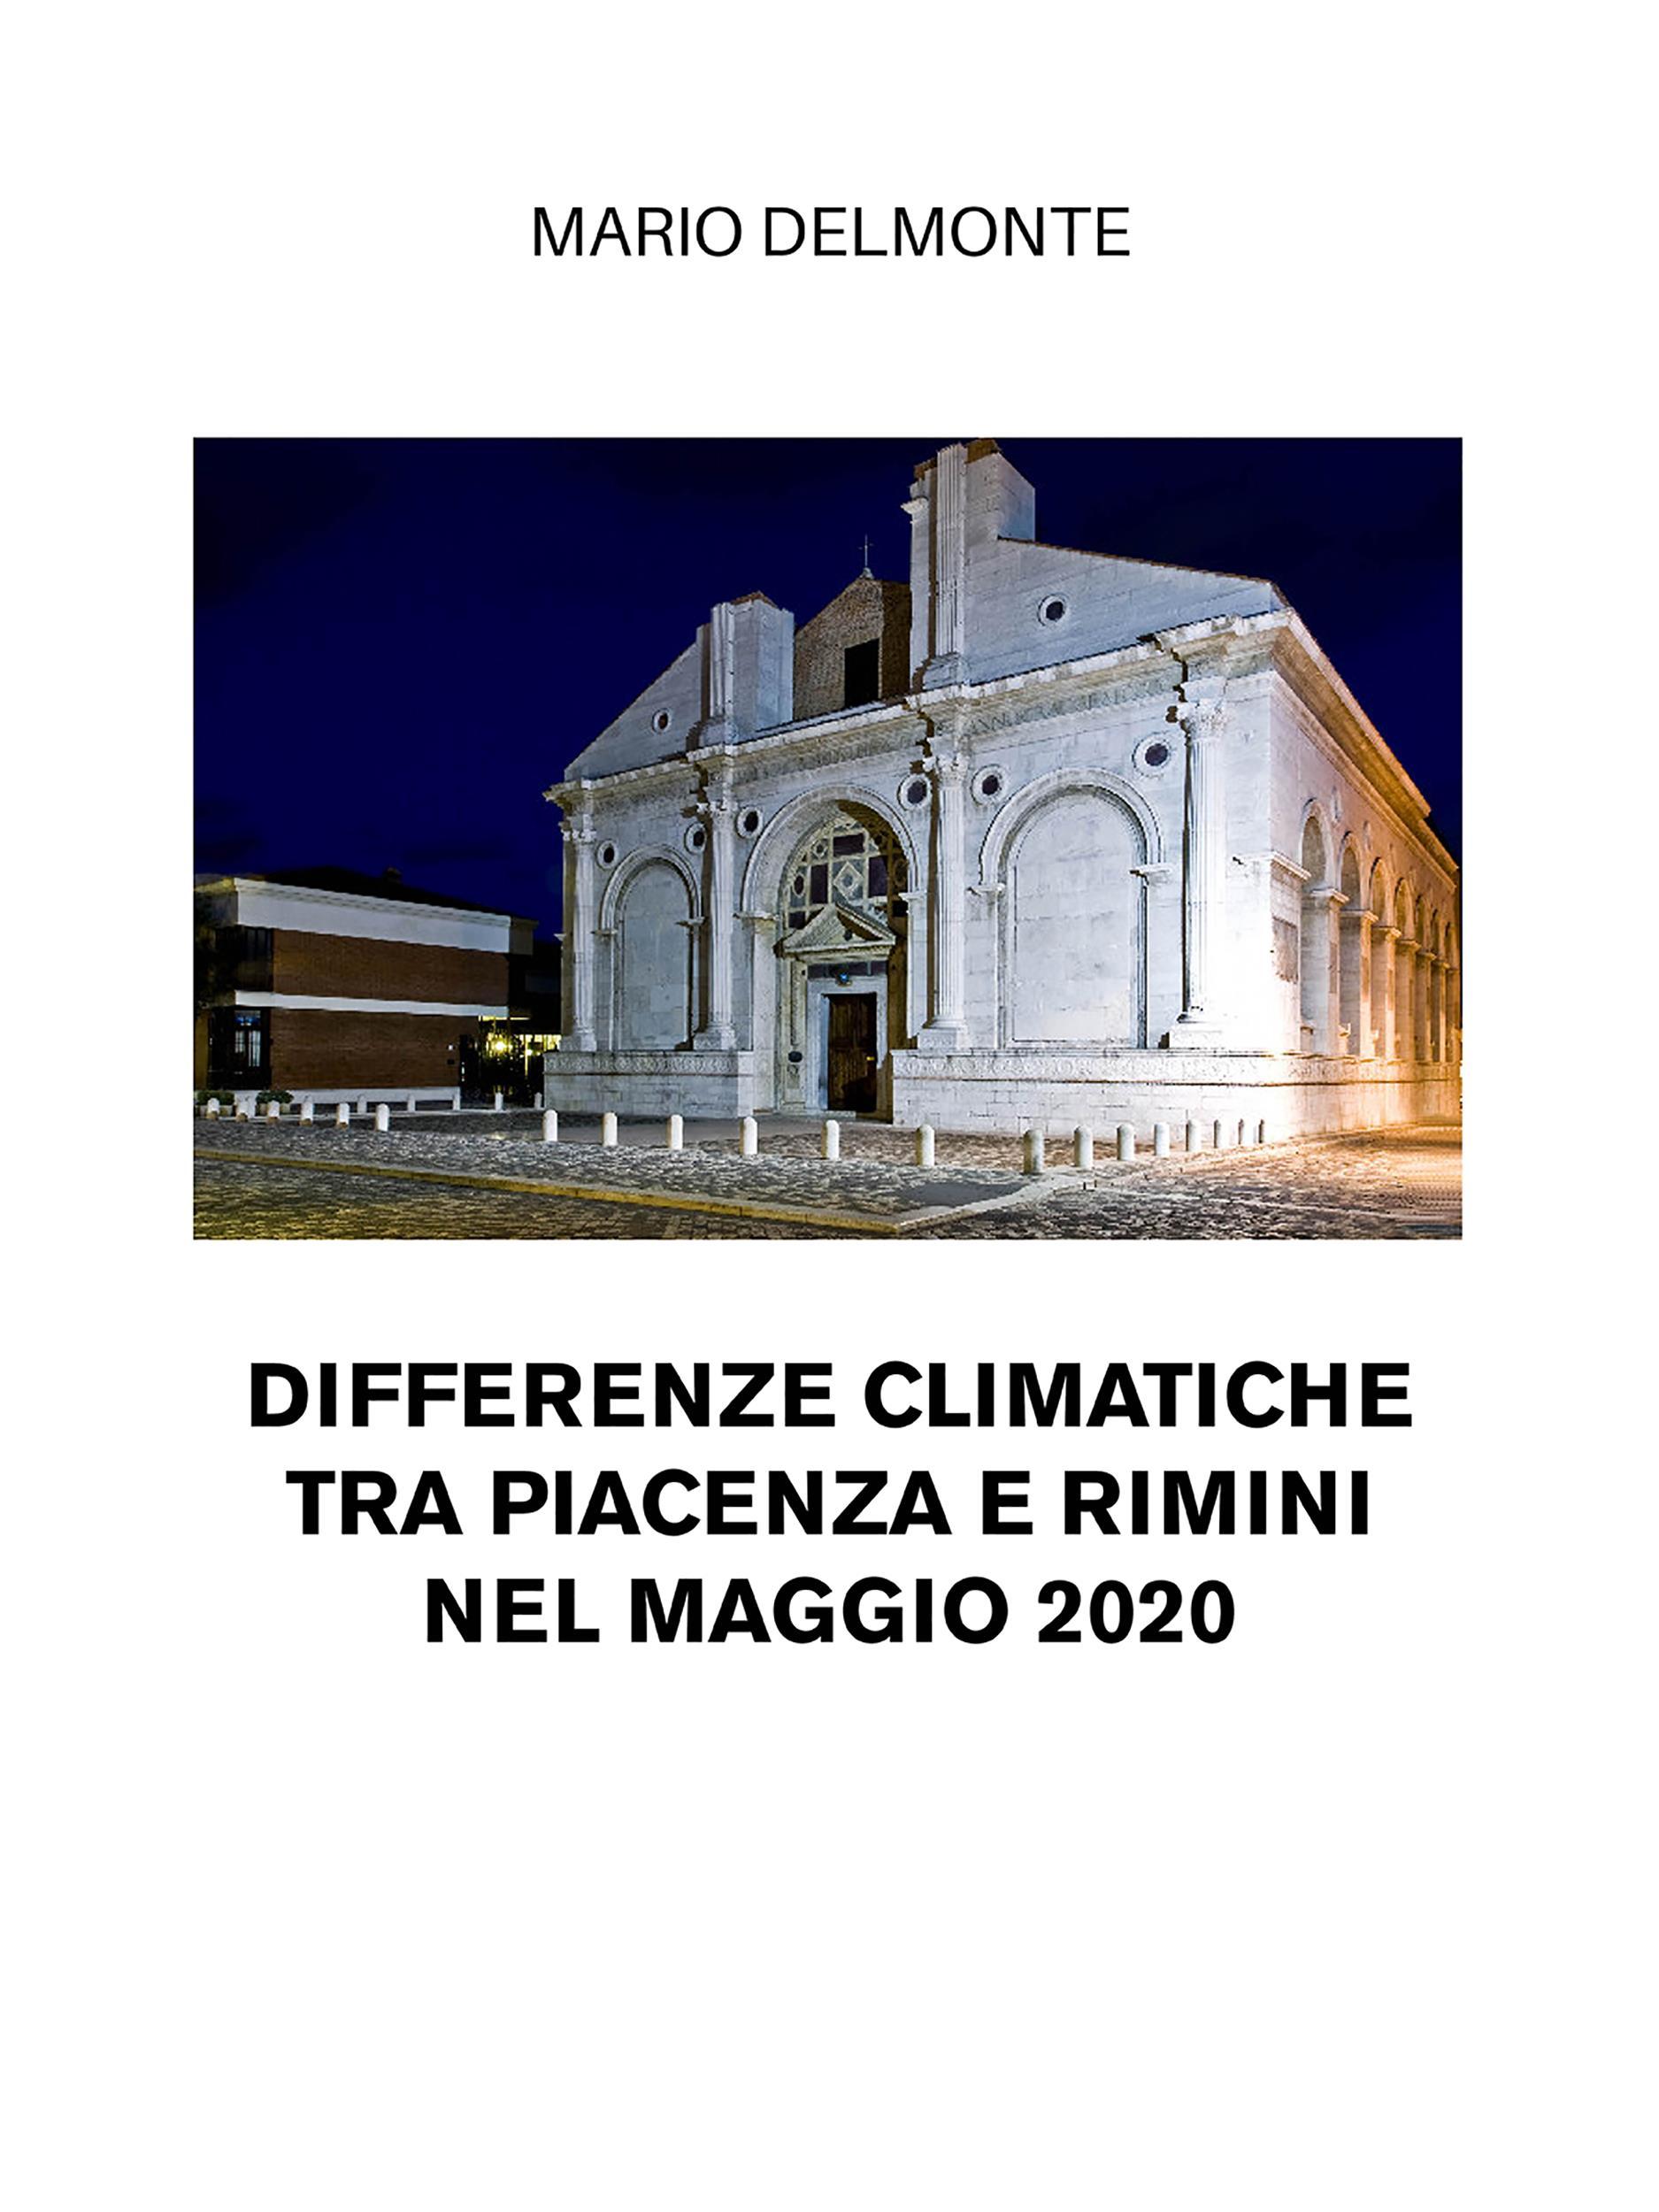 Differenze climatiche tra Piacenza e Rimini nel maggio 2020